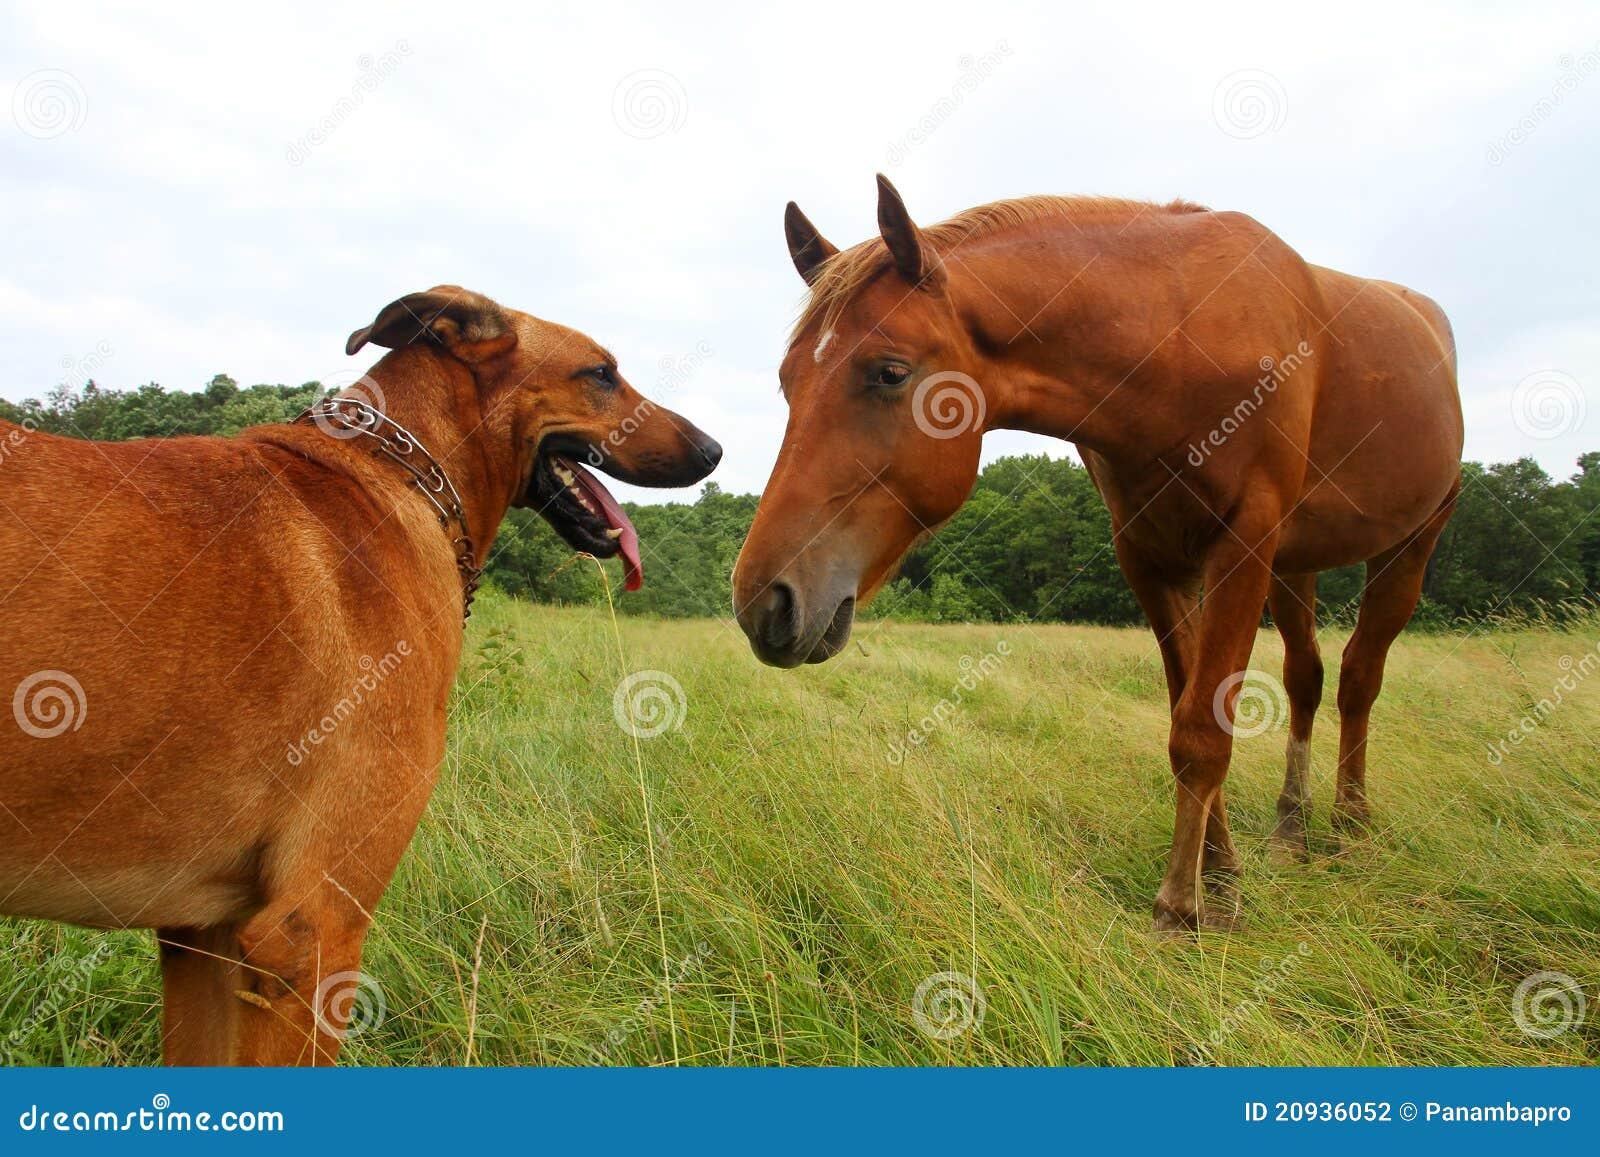 pferd und hund stockfoto bild von hund pferd  20936052